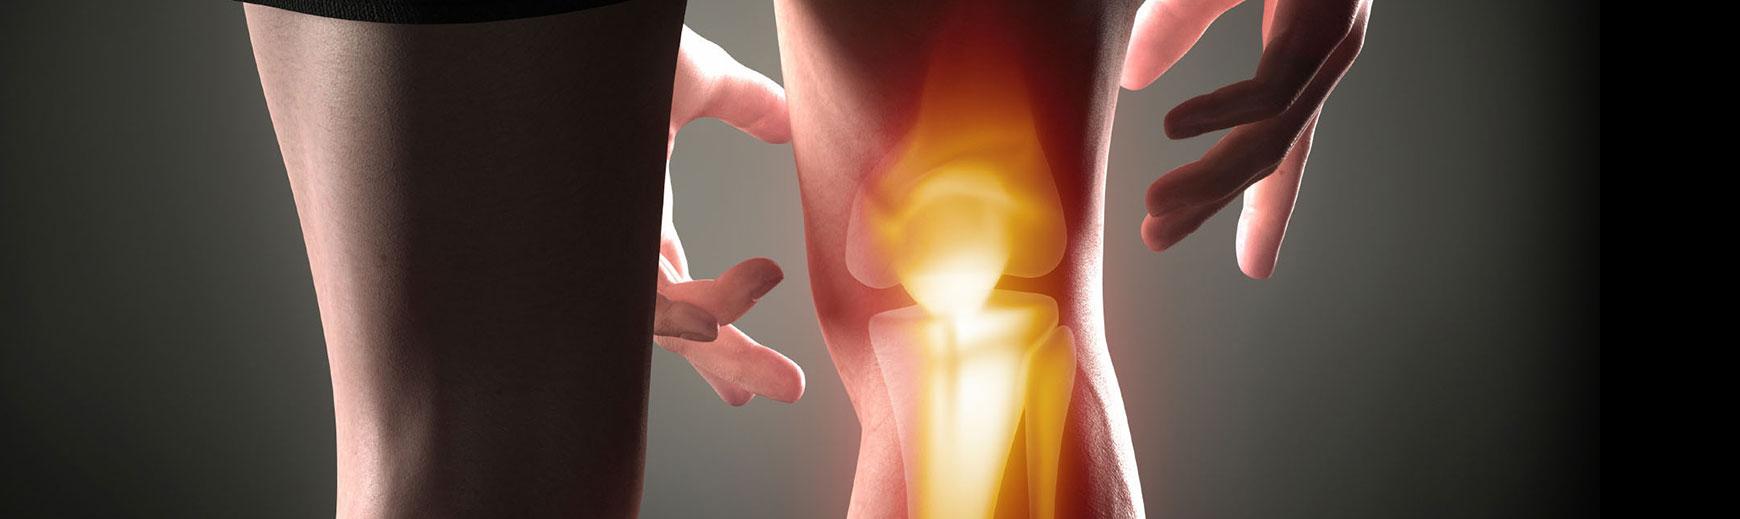 Ortopedico del ginocchio